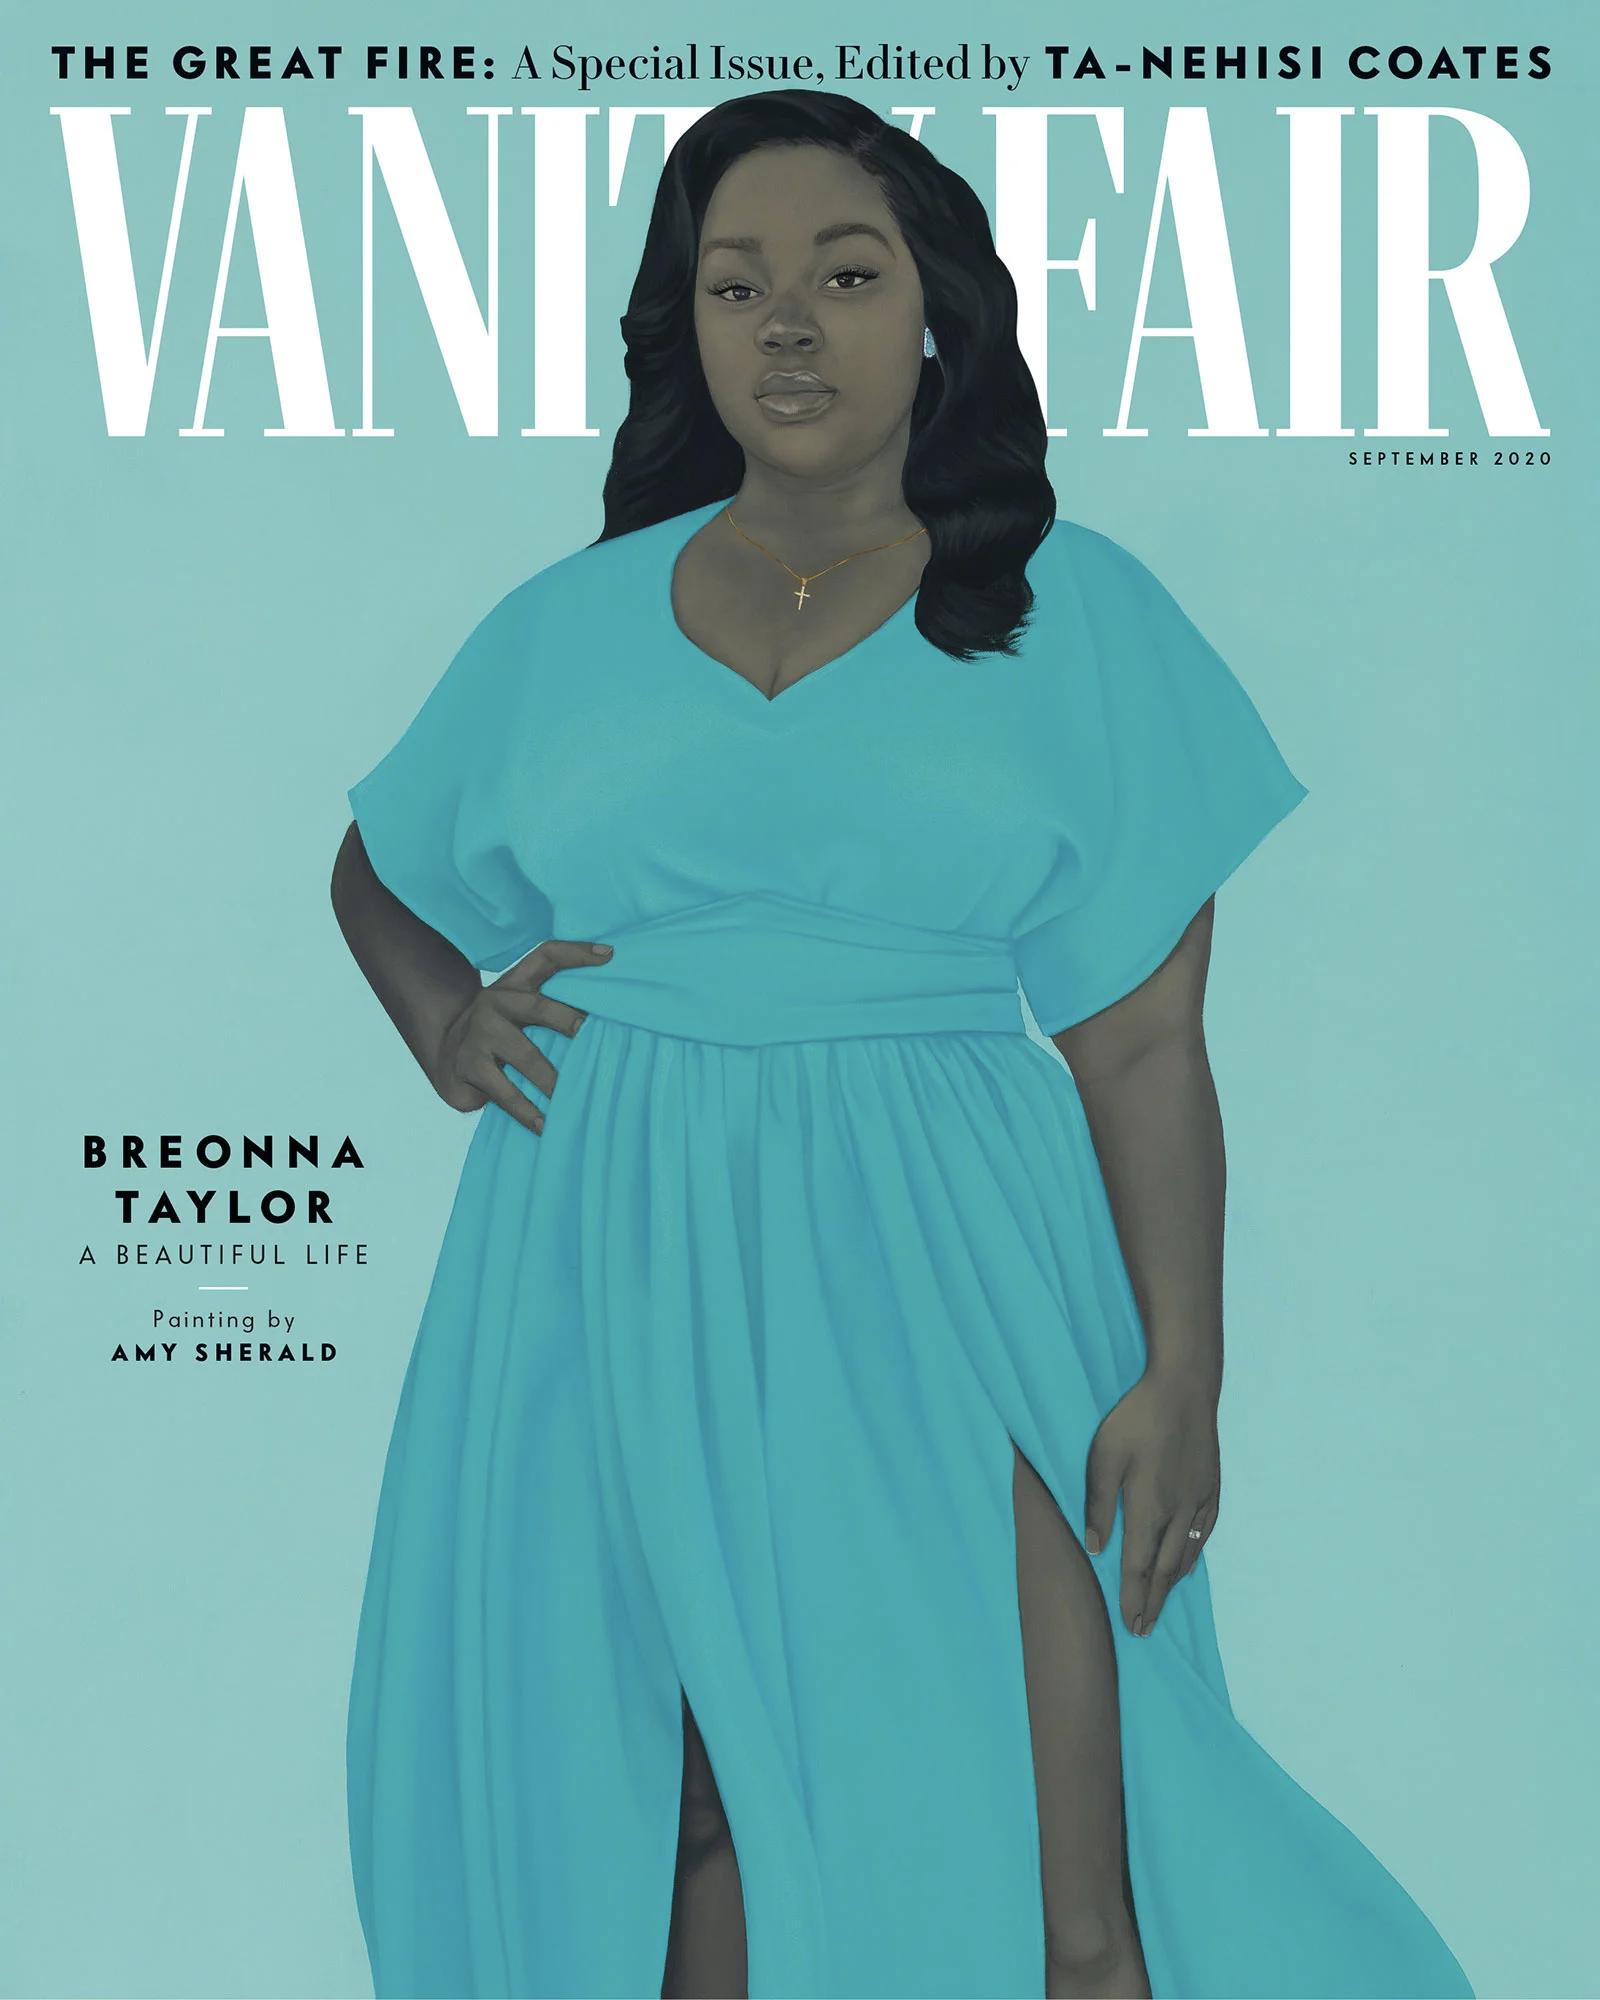 Vanity Fair випустив номер з портретом Бреонни Тейлор